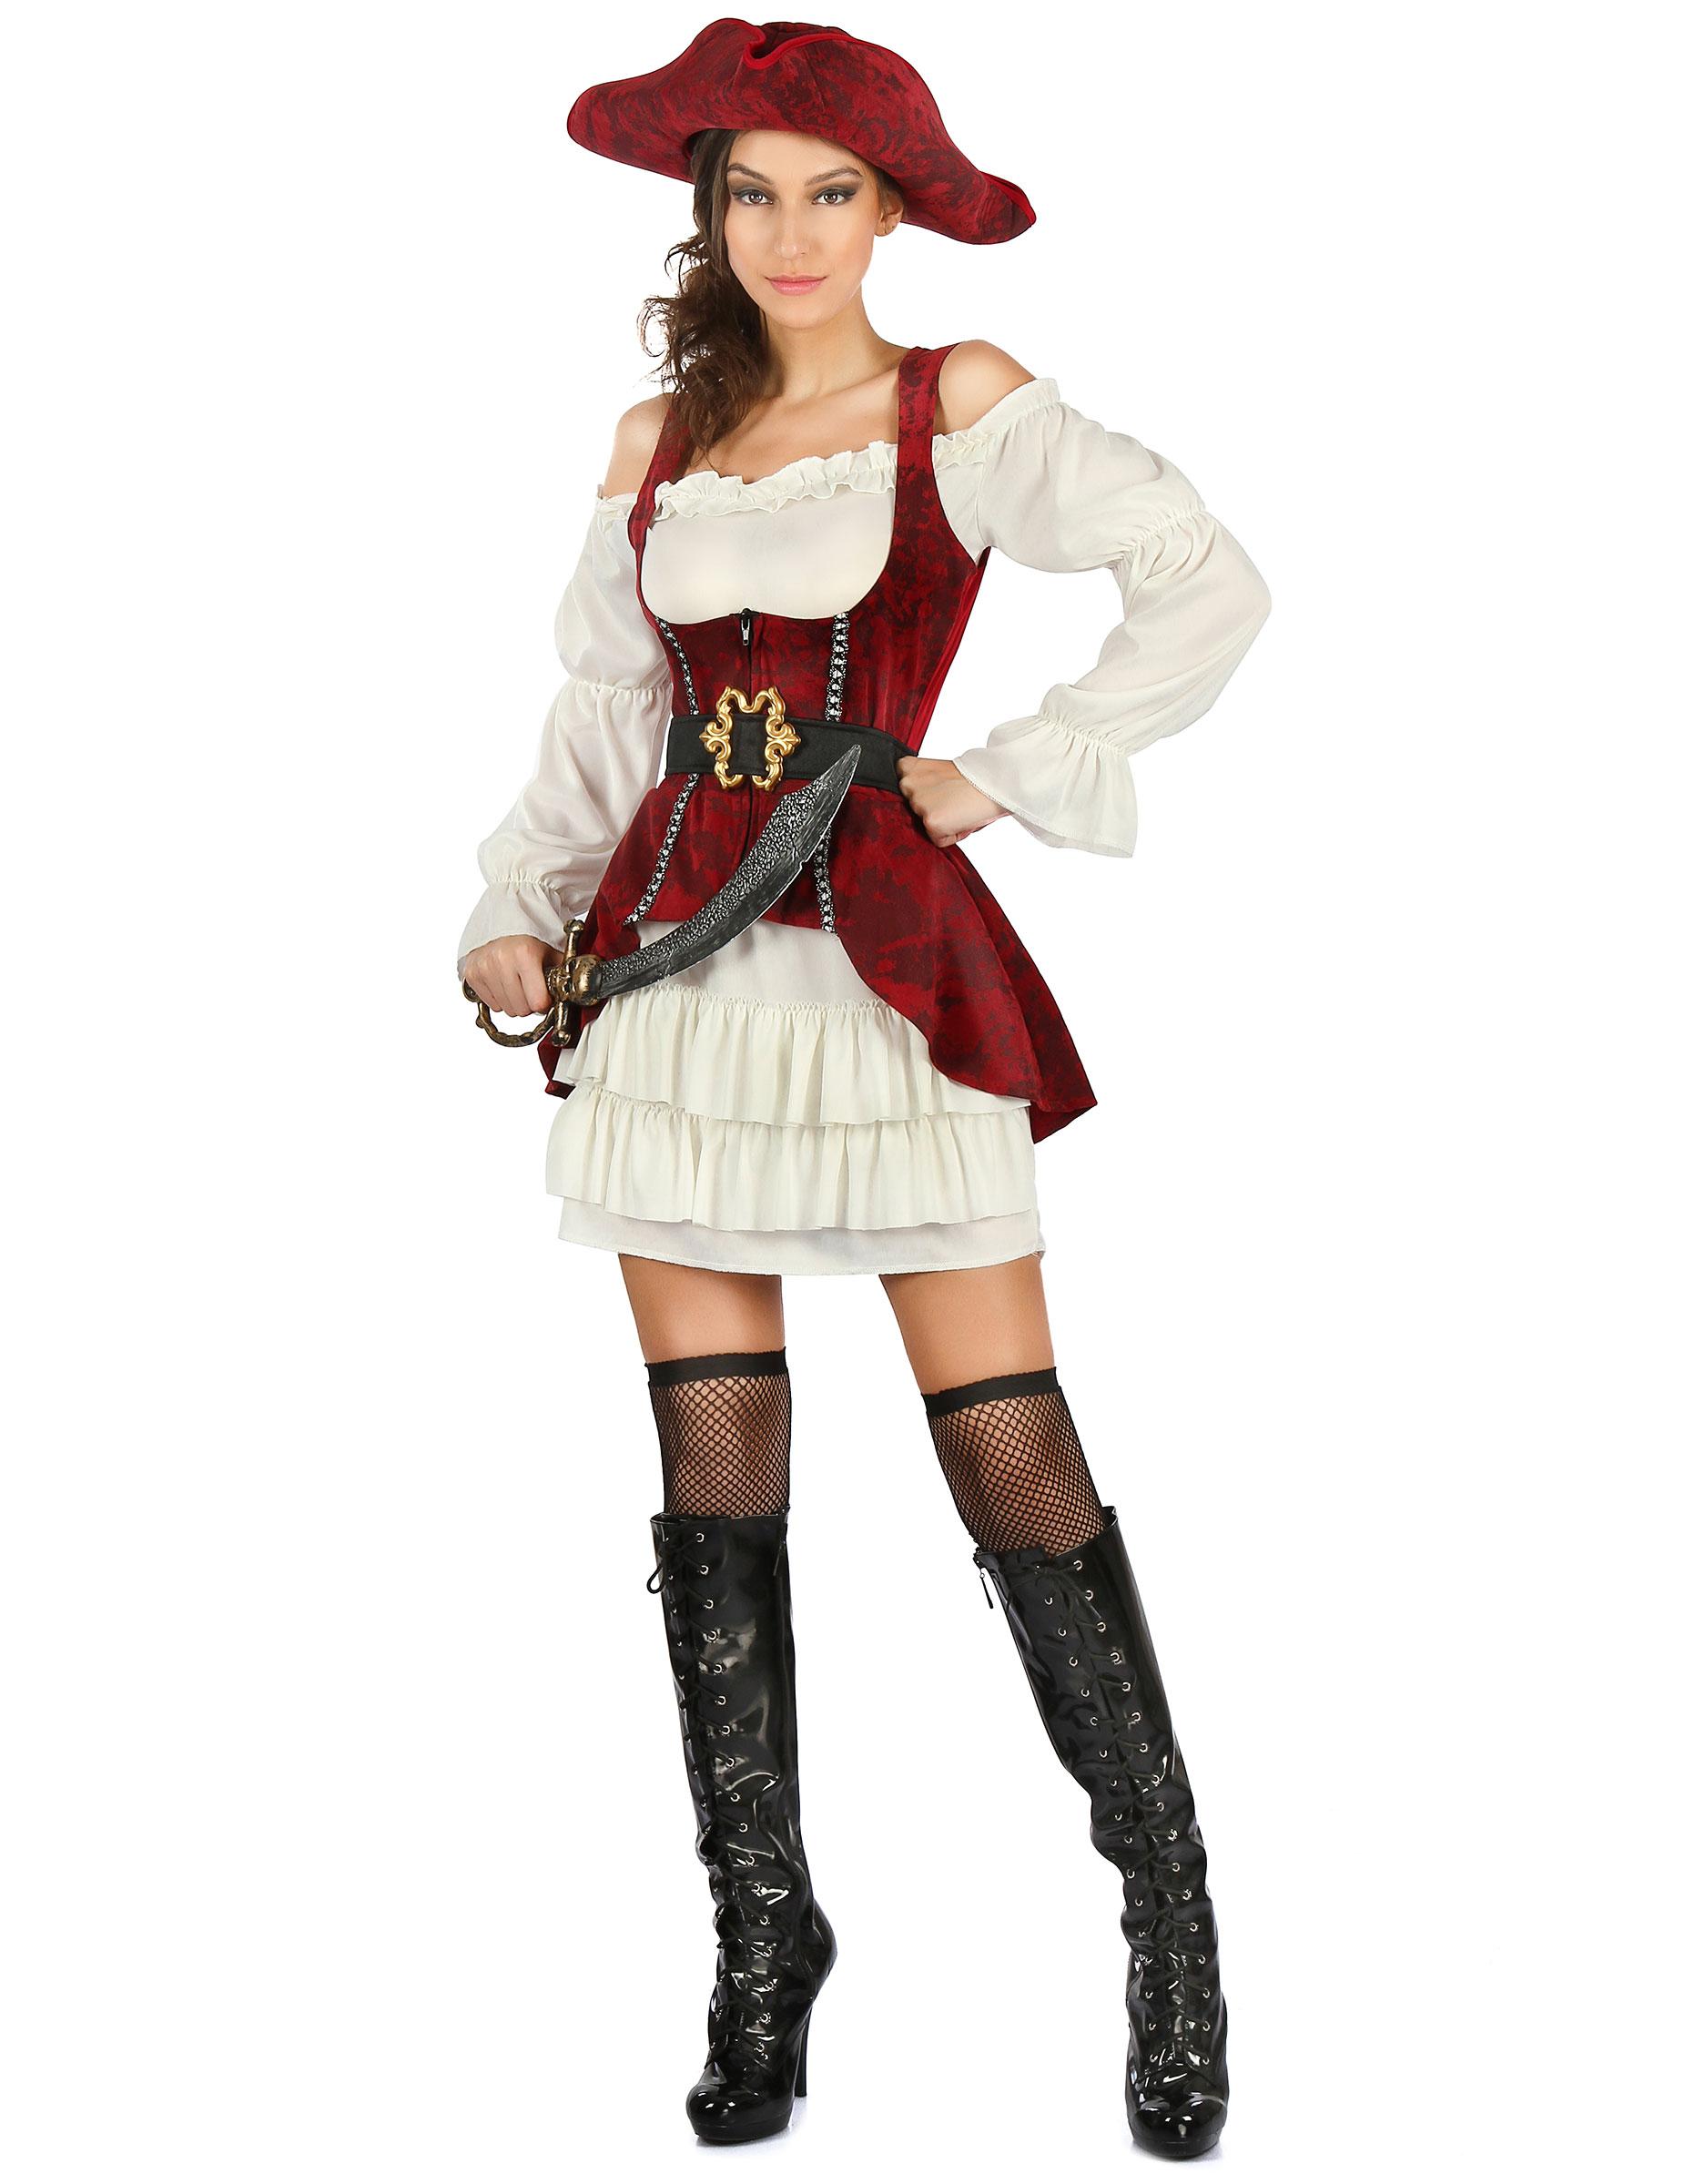 limpido in vista immagini dettagliate sezione speciale Costume da pirata bianco e rosso per donna